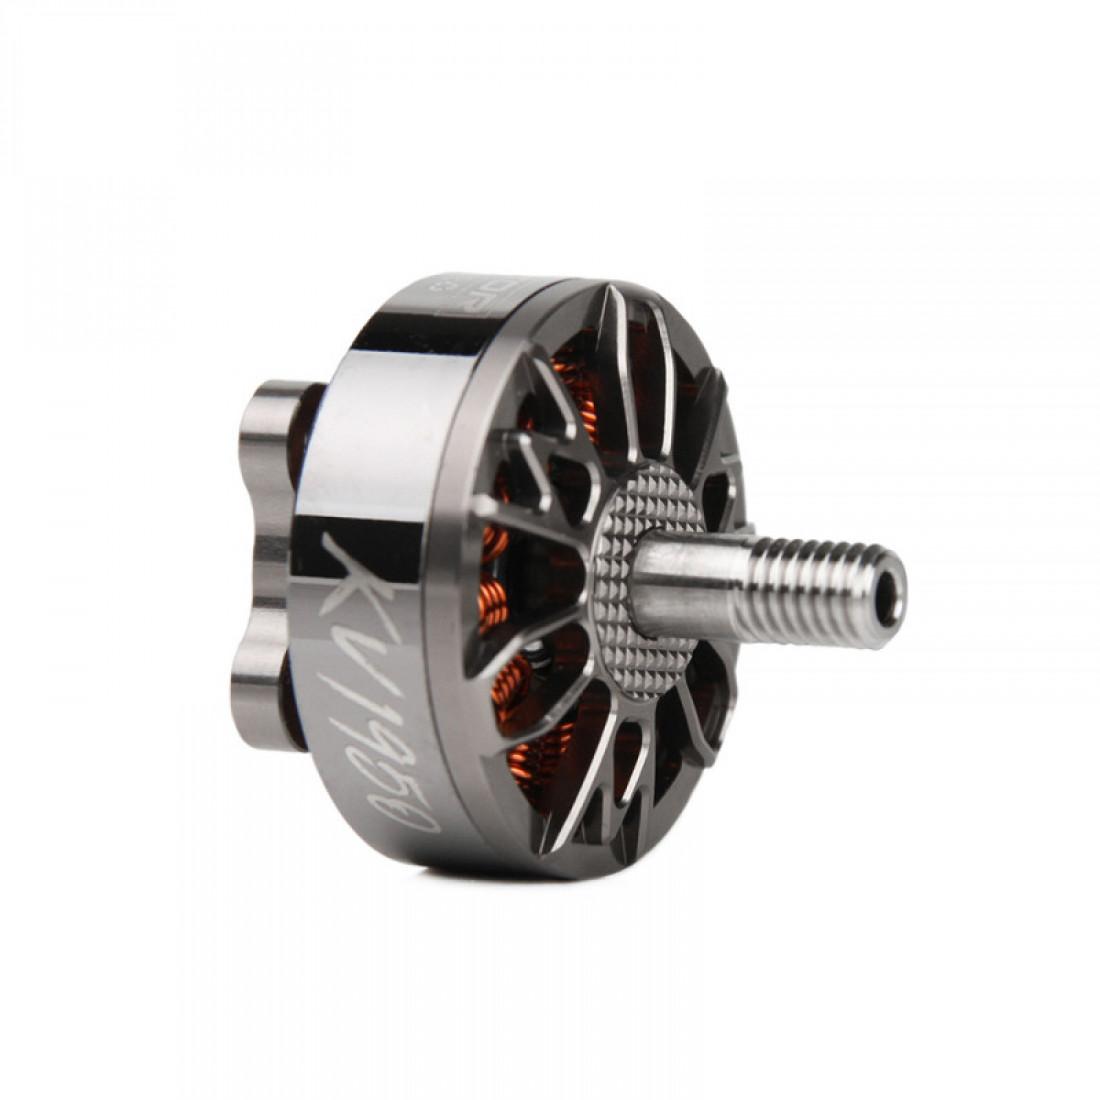 2000-3000 kV : T-Motor F60 PRO IV - 2550Kv